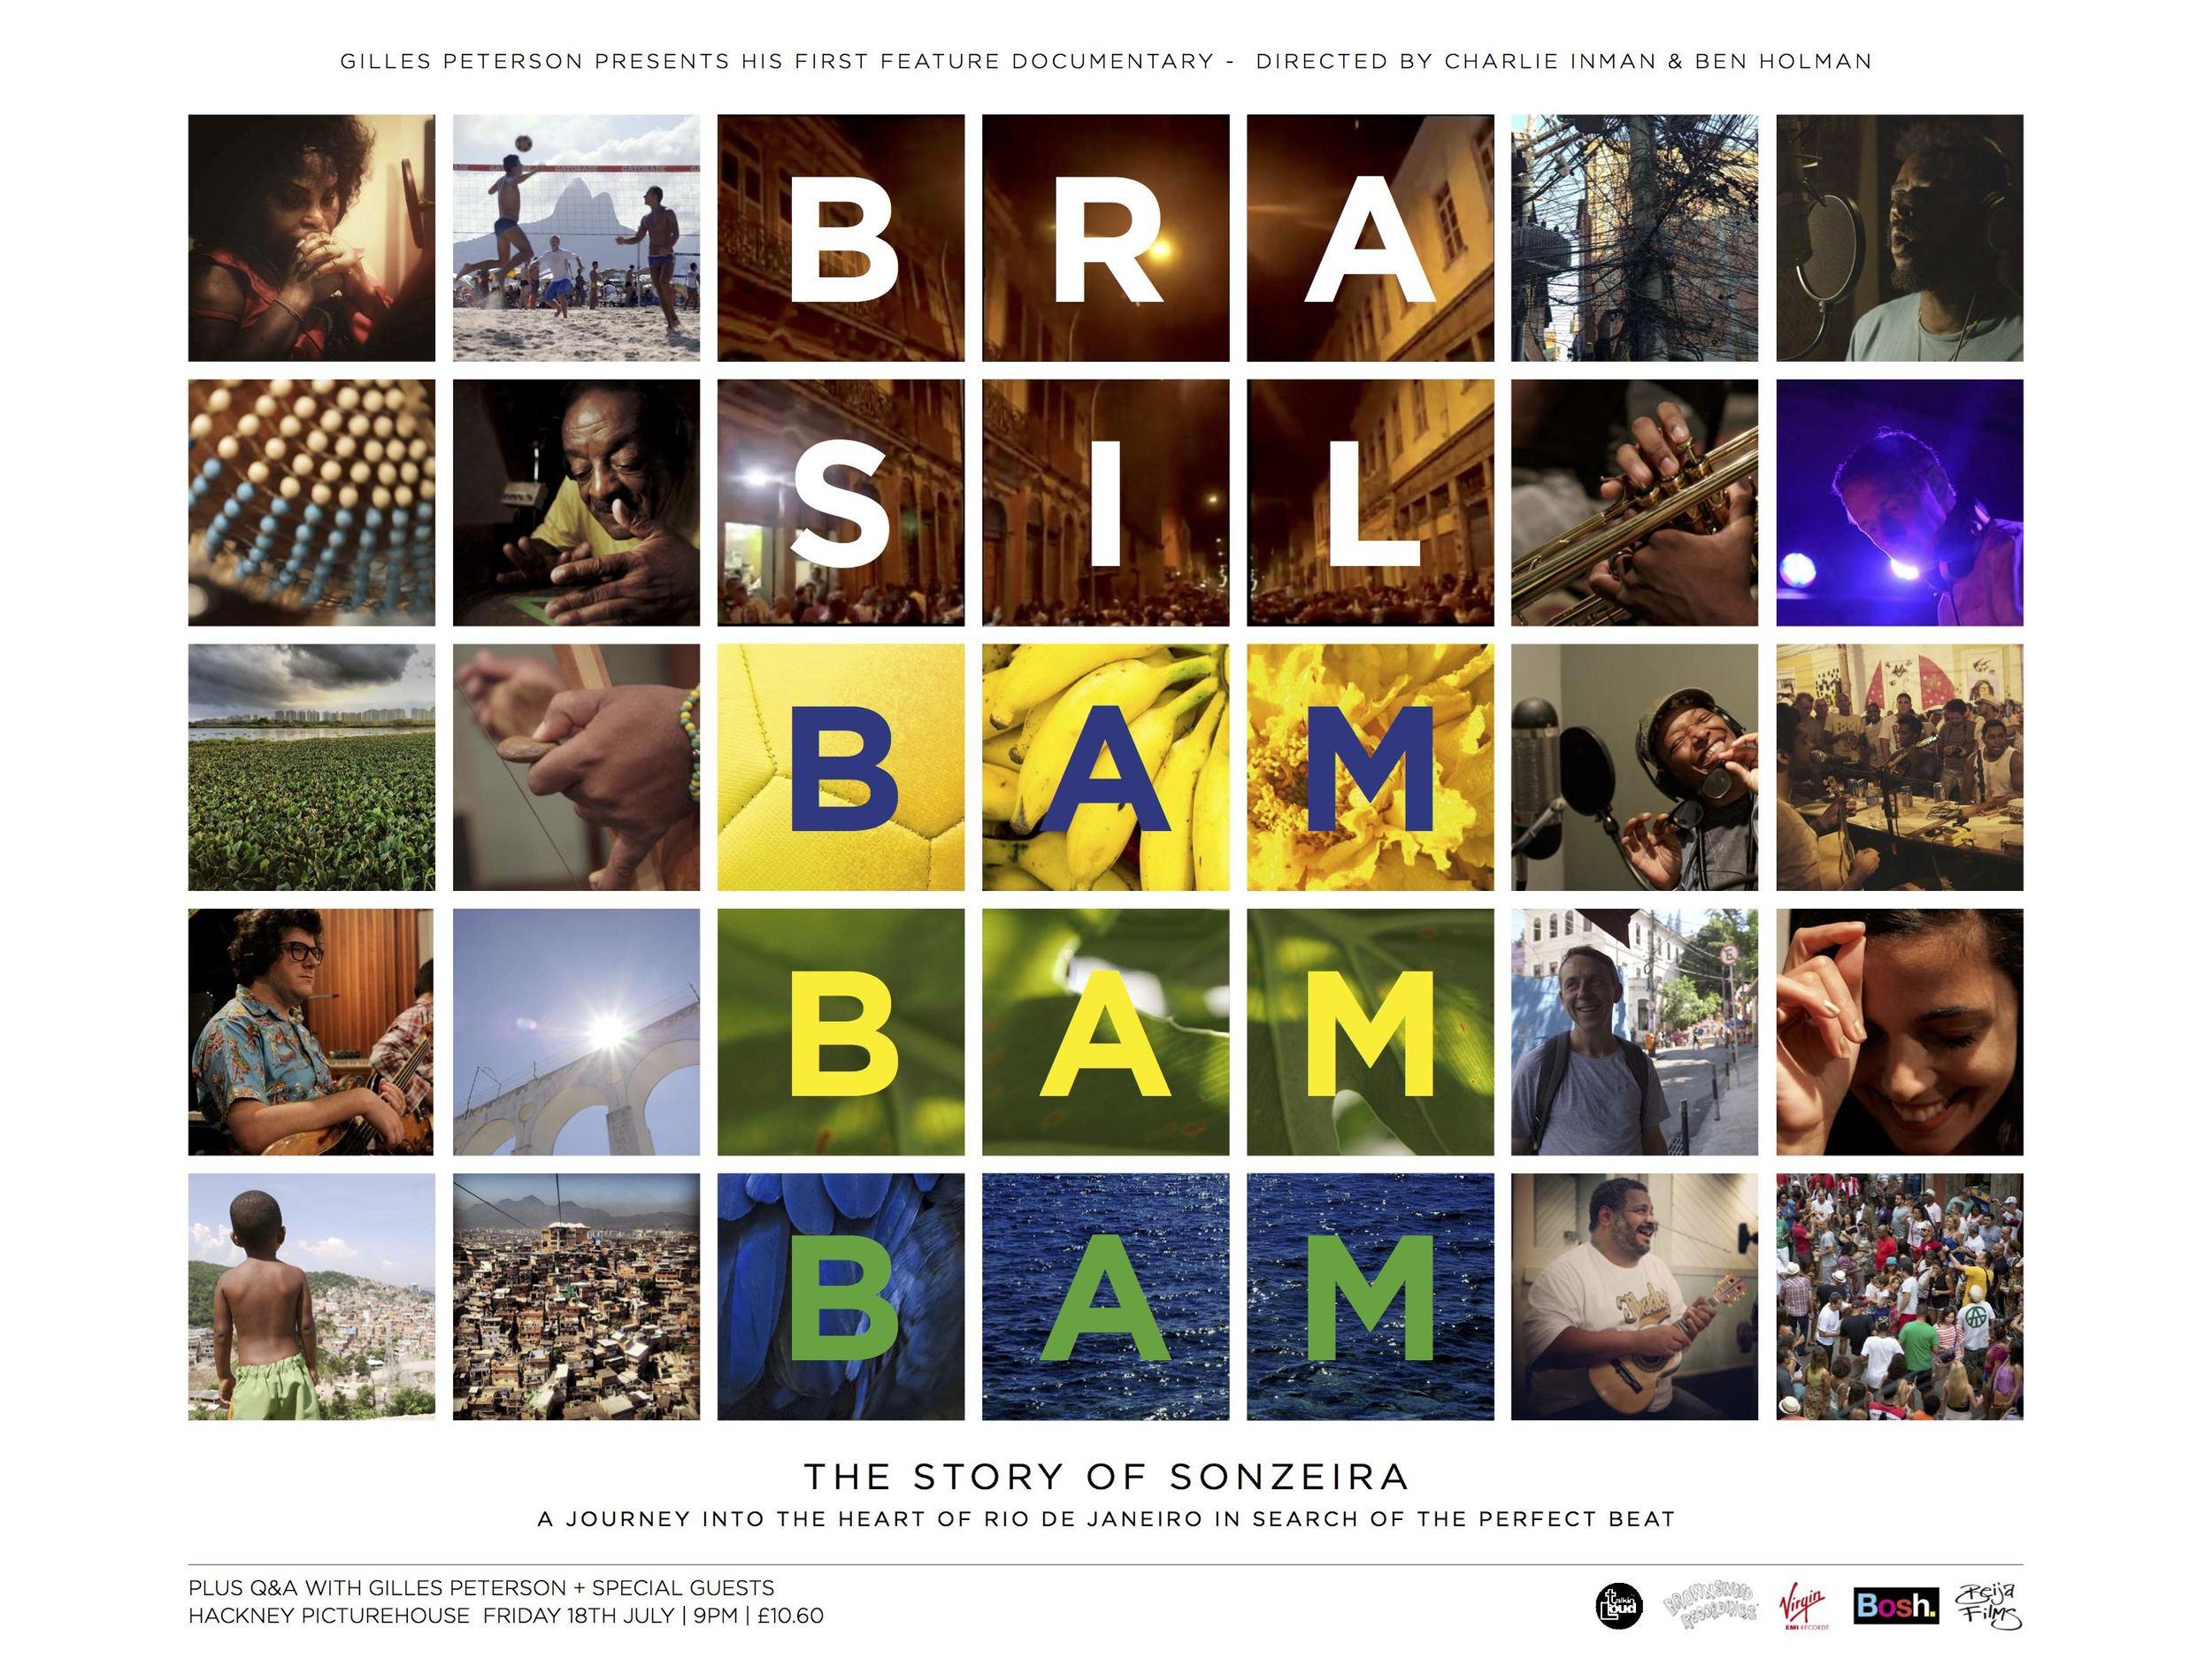 GILLES PETERSON IN BRAZIL - SONZEIRA BAMBAMBAM